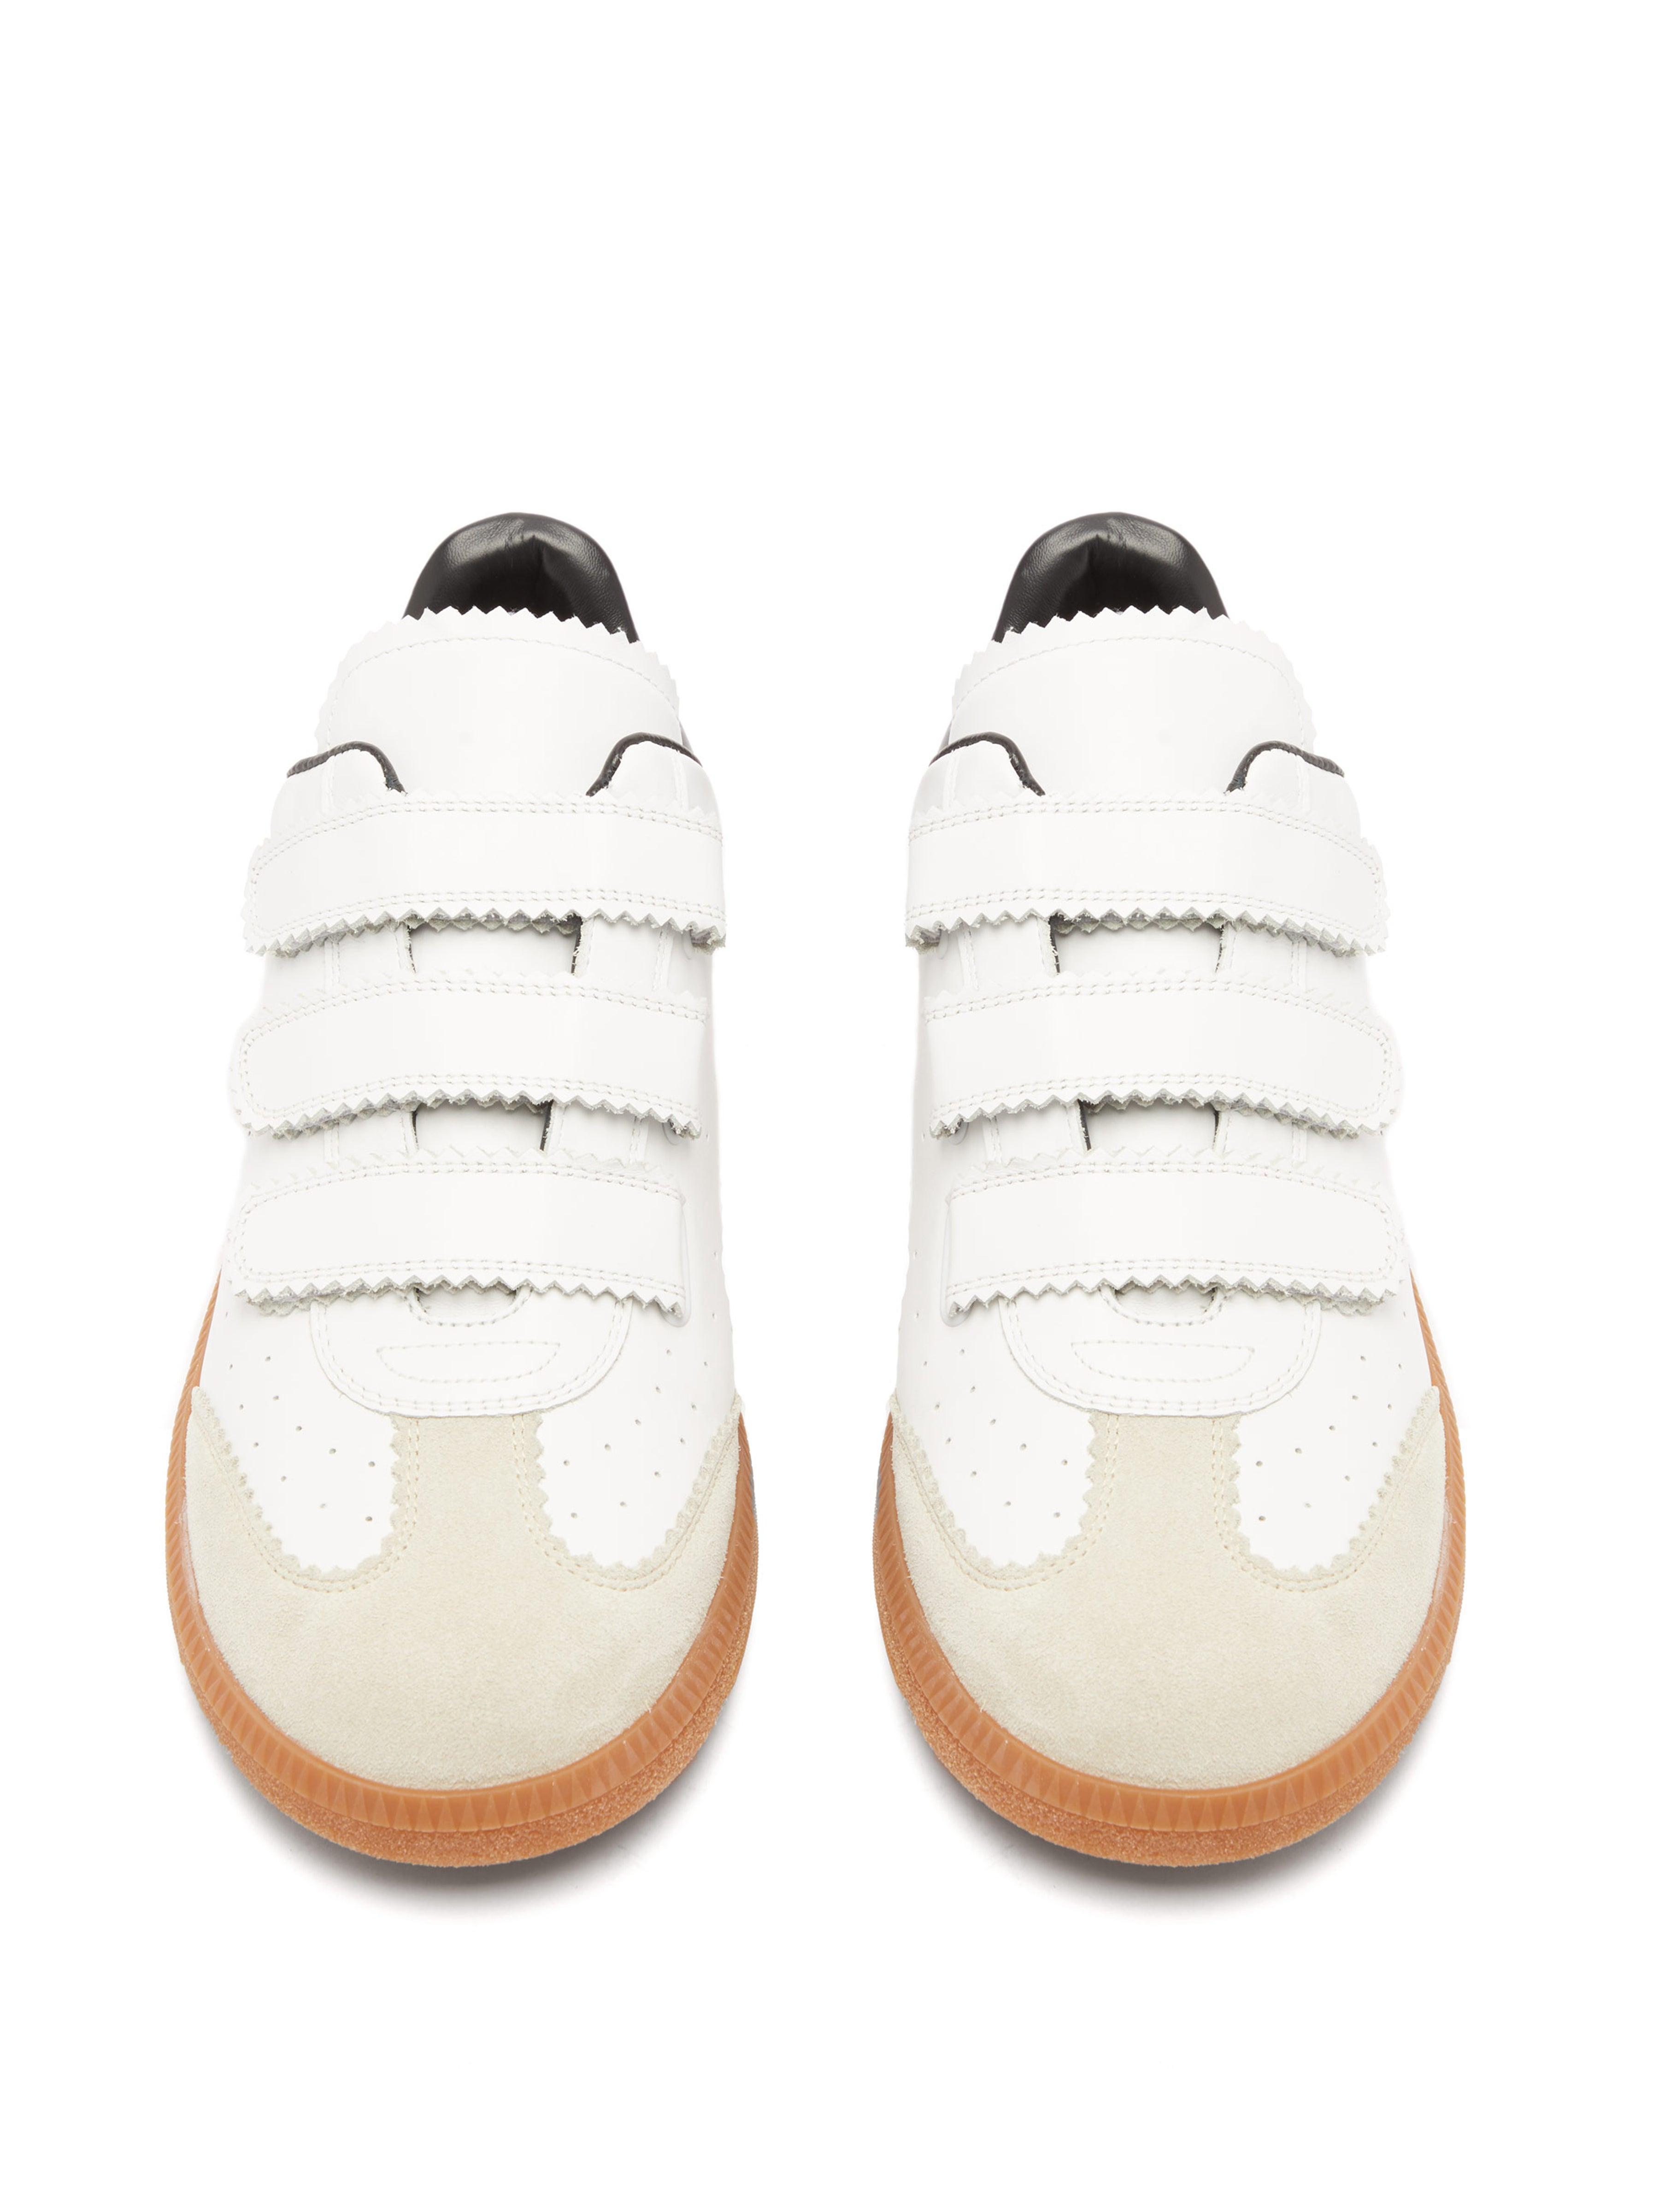 Baskets en cuir à fermeture Velcro Bethy Cuir Isabel Marant pour homme en coloris Blanc vjwc